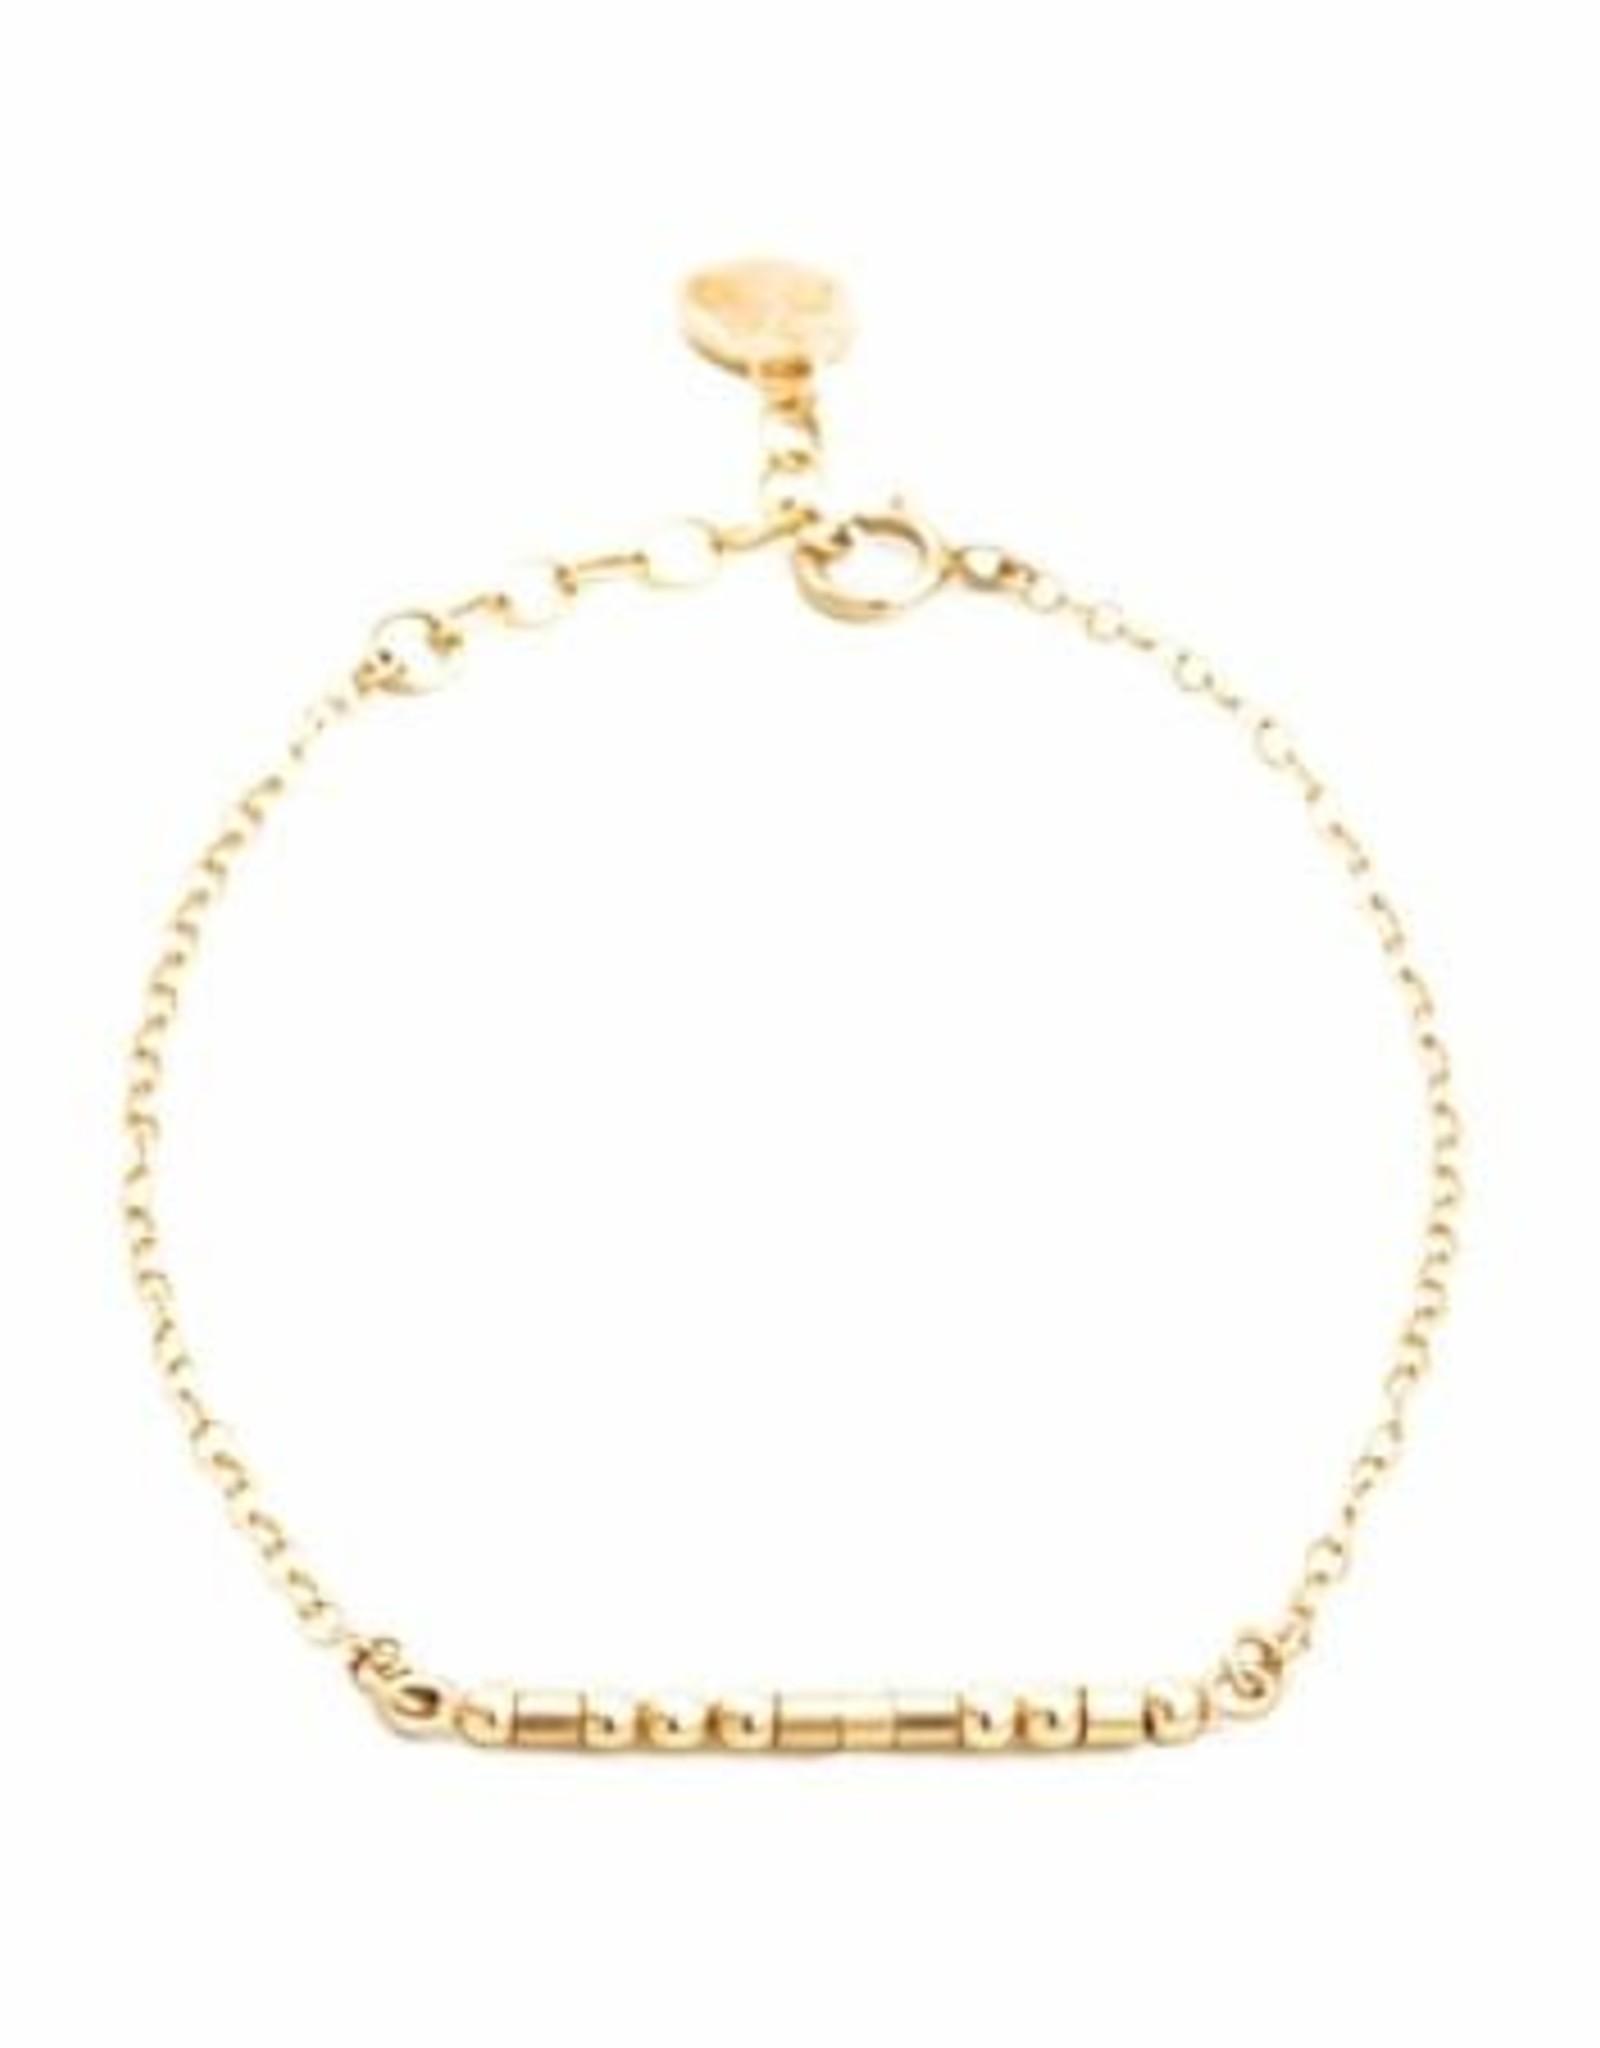 Forever Morse Code Bracelet - Gold Filled